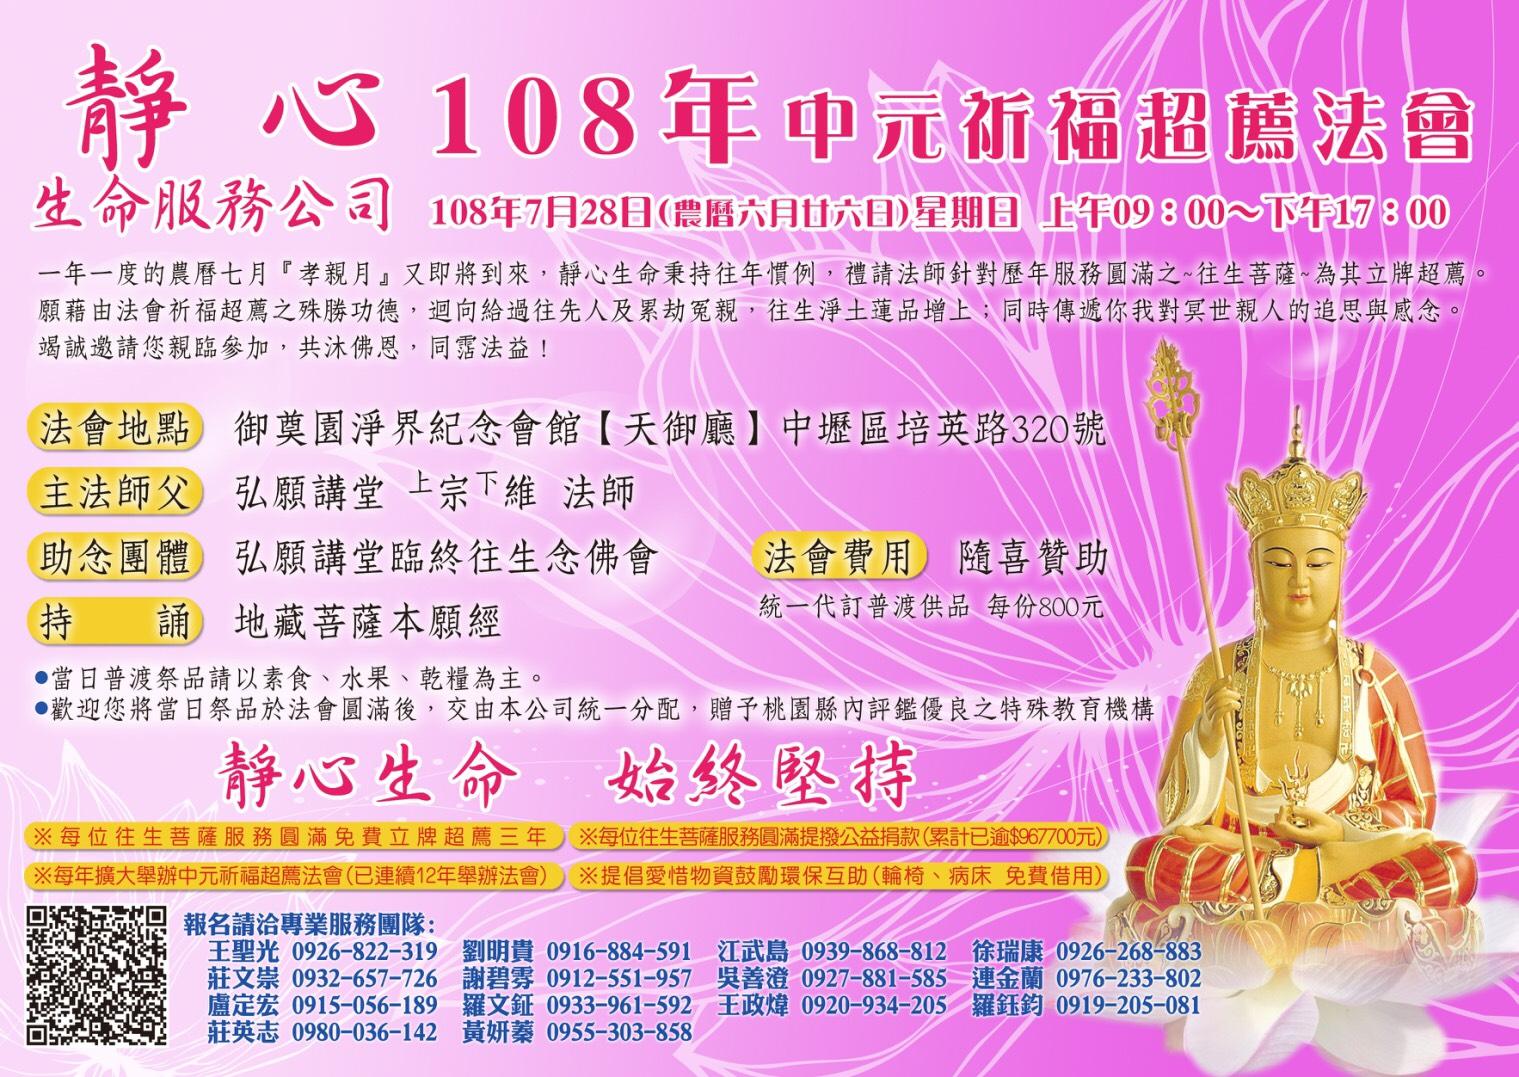 靜心 108 年 中元祈福超薦法會